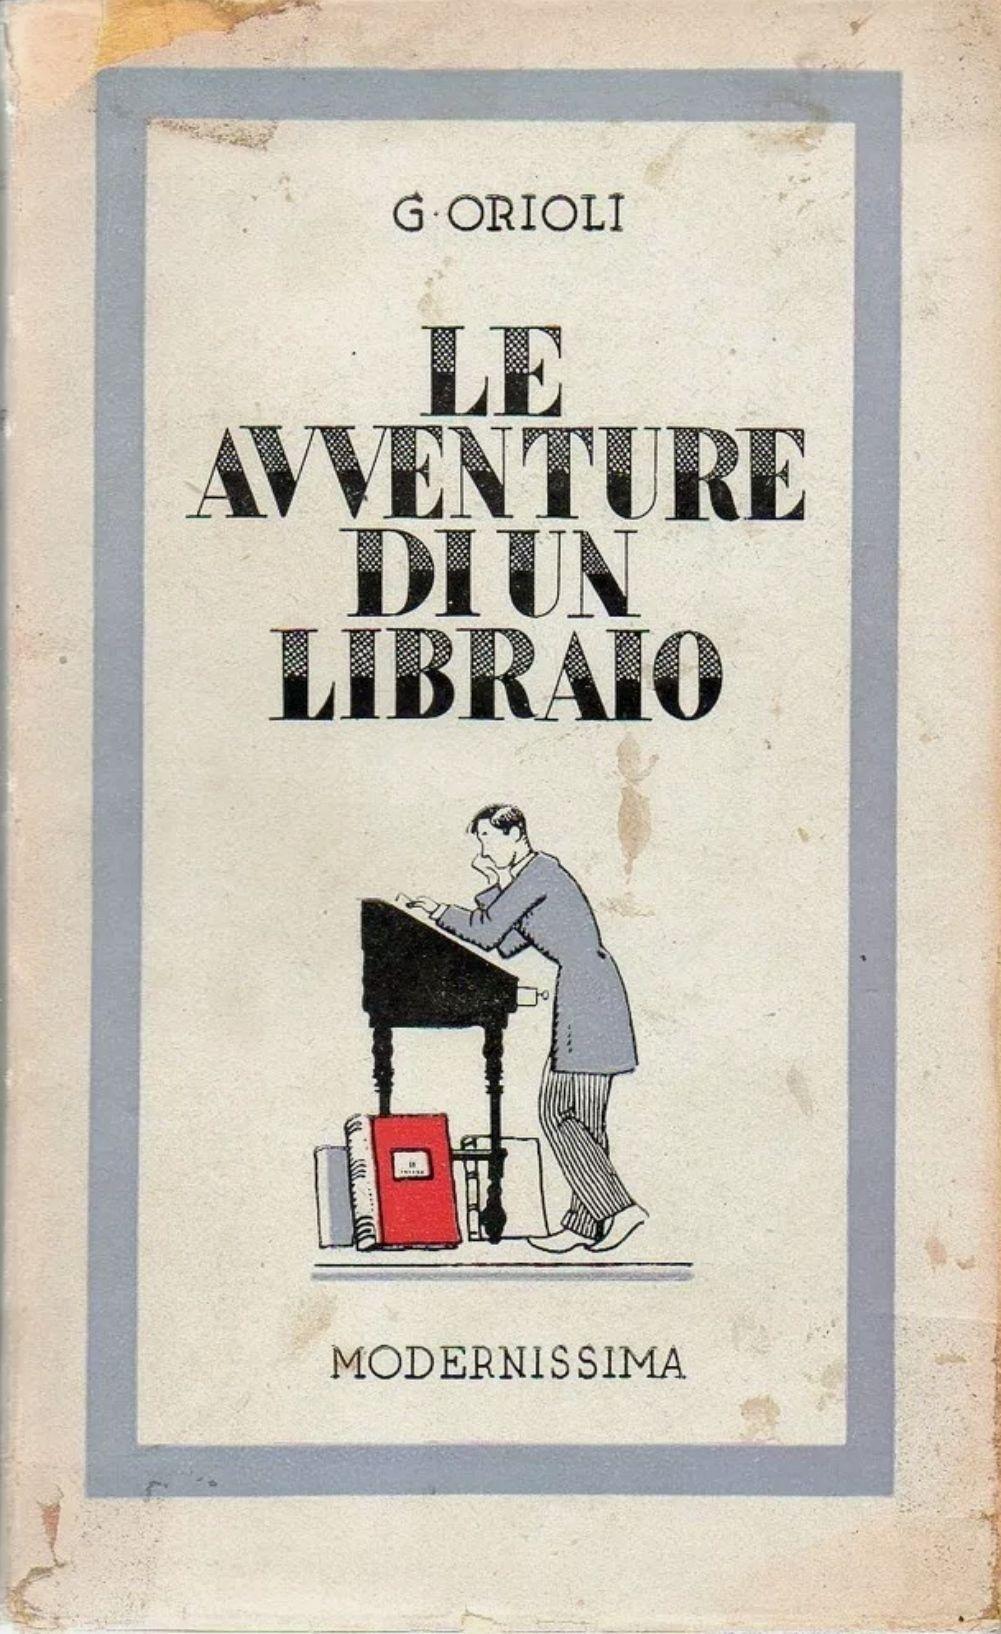 Orioli Giuseppe; LE AVVENTURE DI UN LIBRAIO ; Modernissima 1944 – Prima Edizione. Un classico della bibliofilia